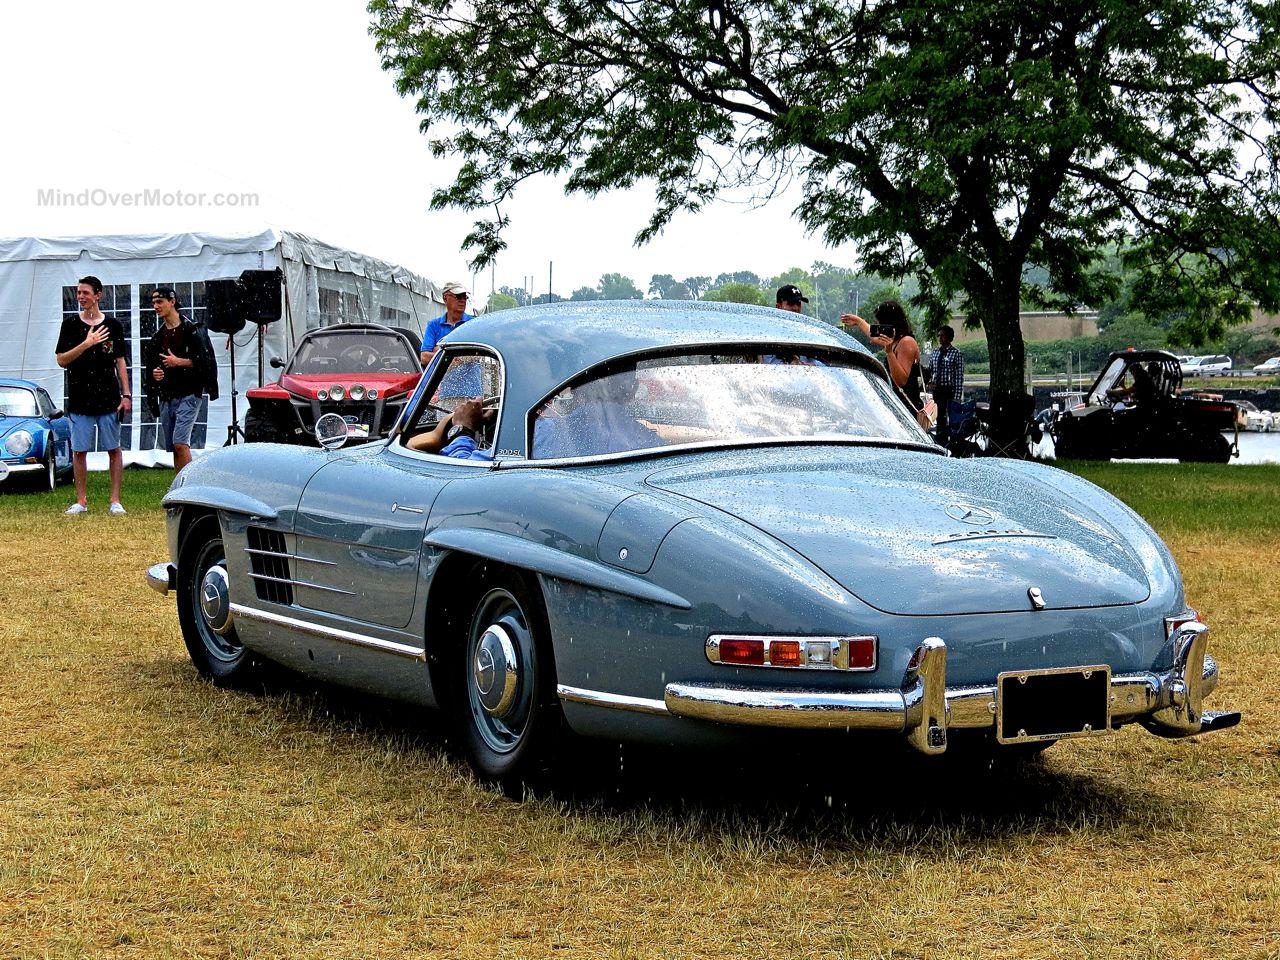 Greenwich 2 Mercedes 300 SL Roadster